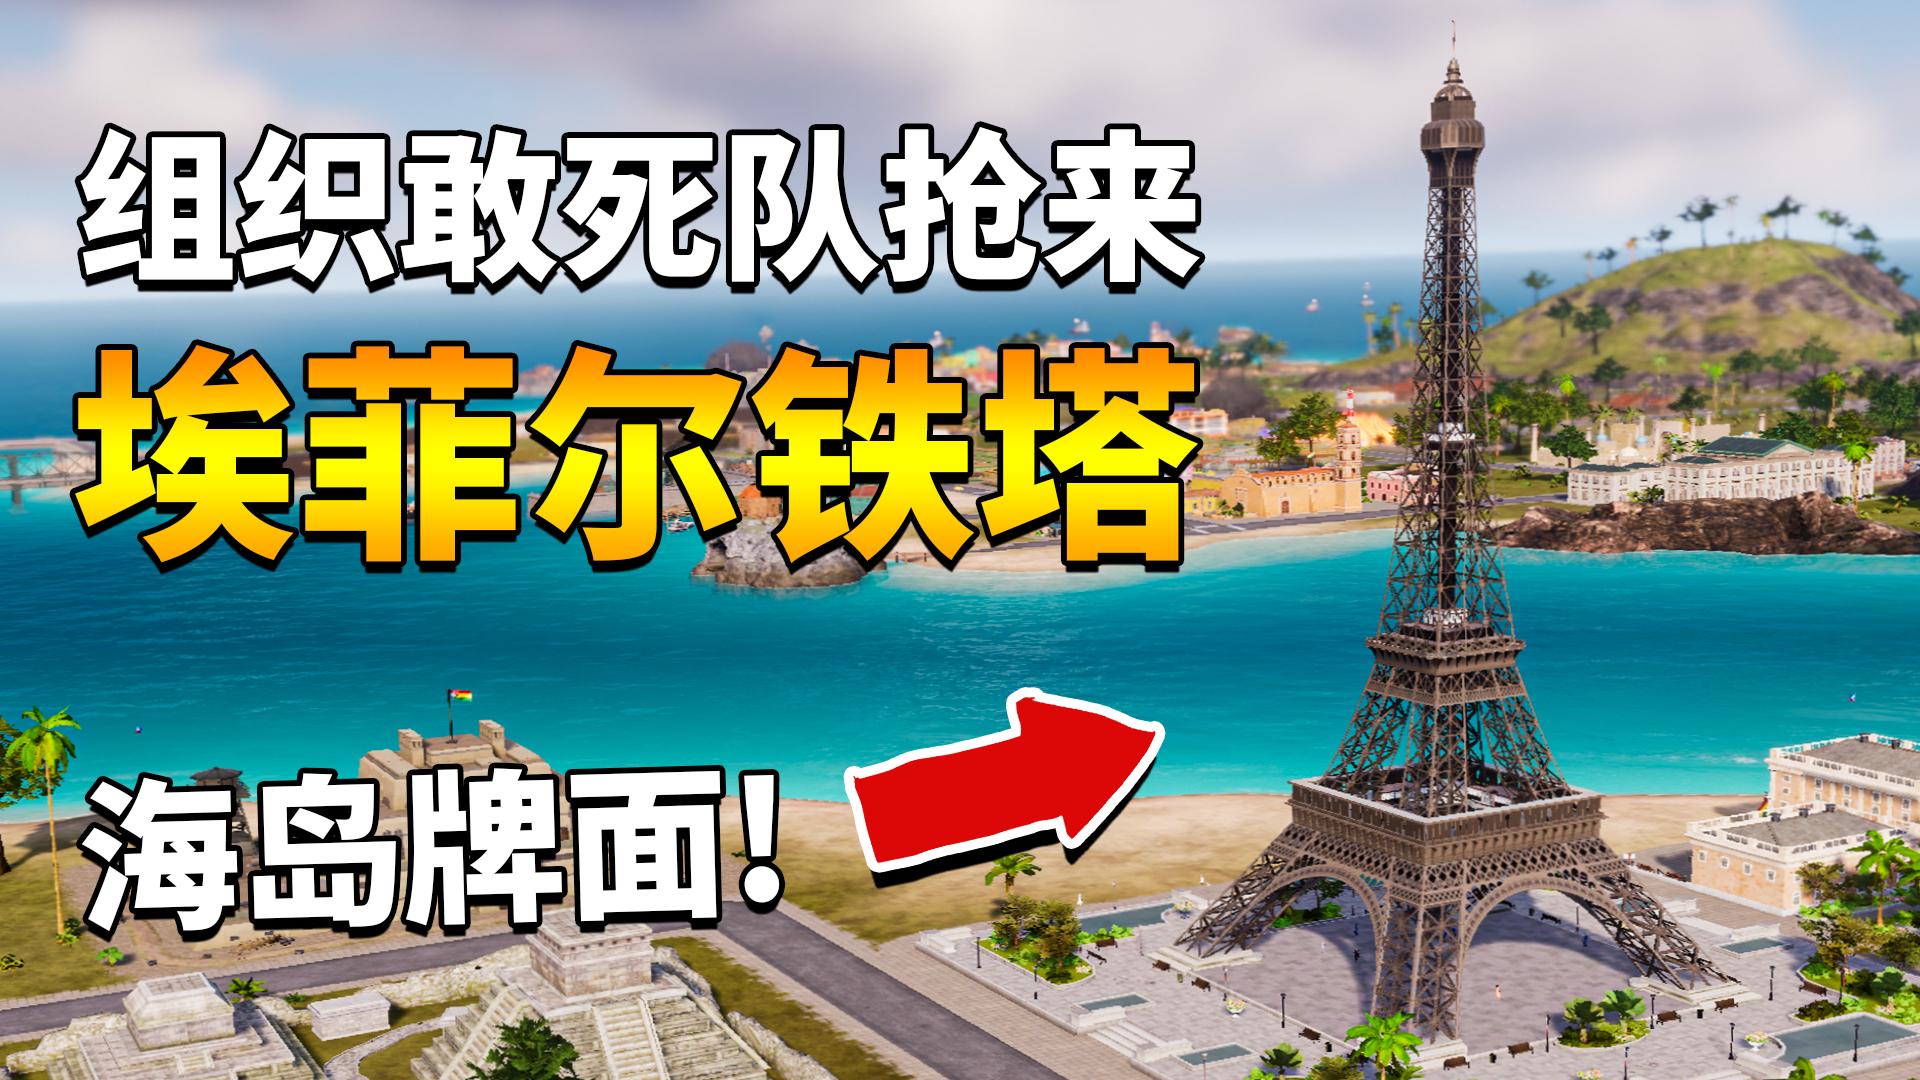 无能带你造岛当大亨03:把埃菲尔铁塔抢回来,做大做强再创辉煌!